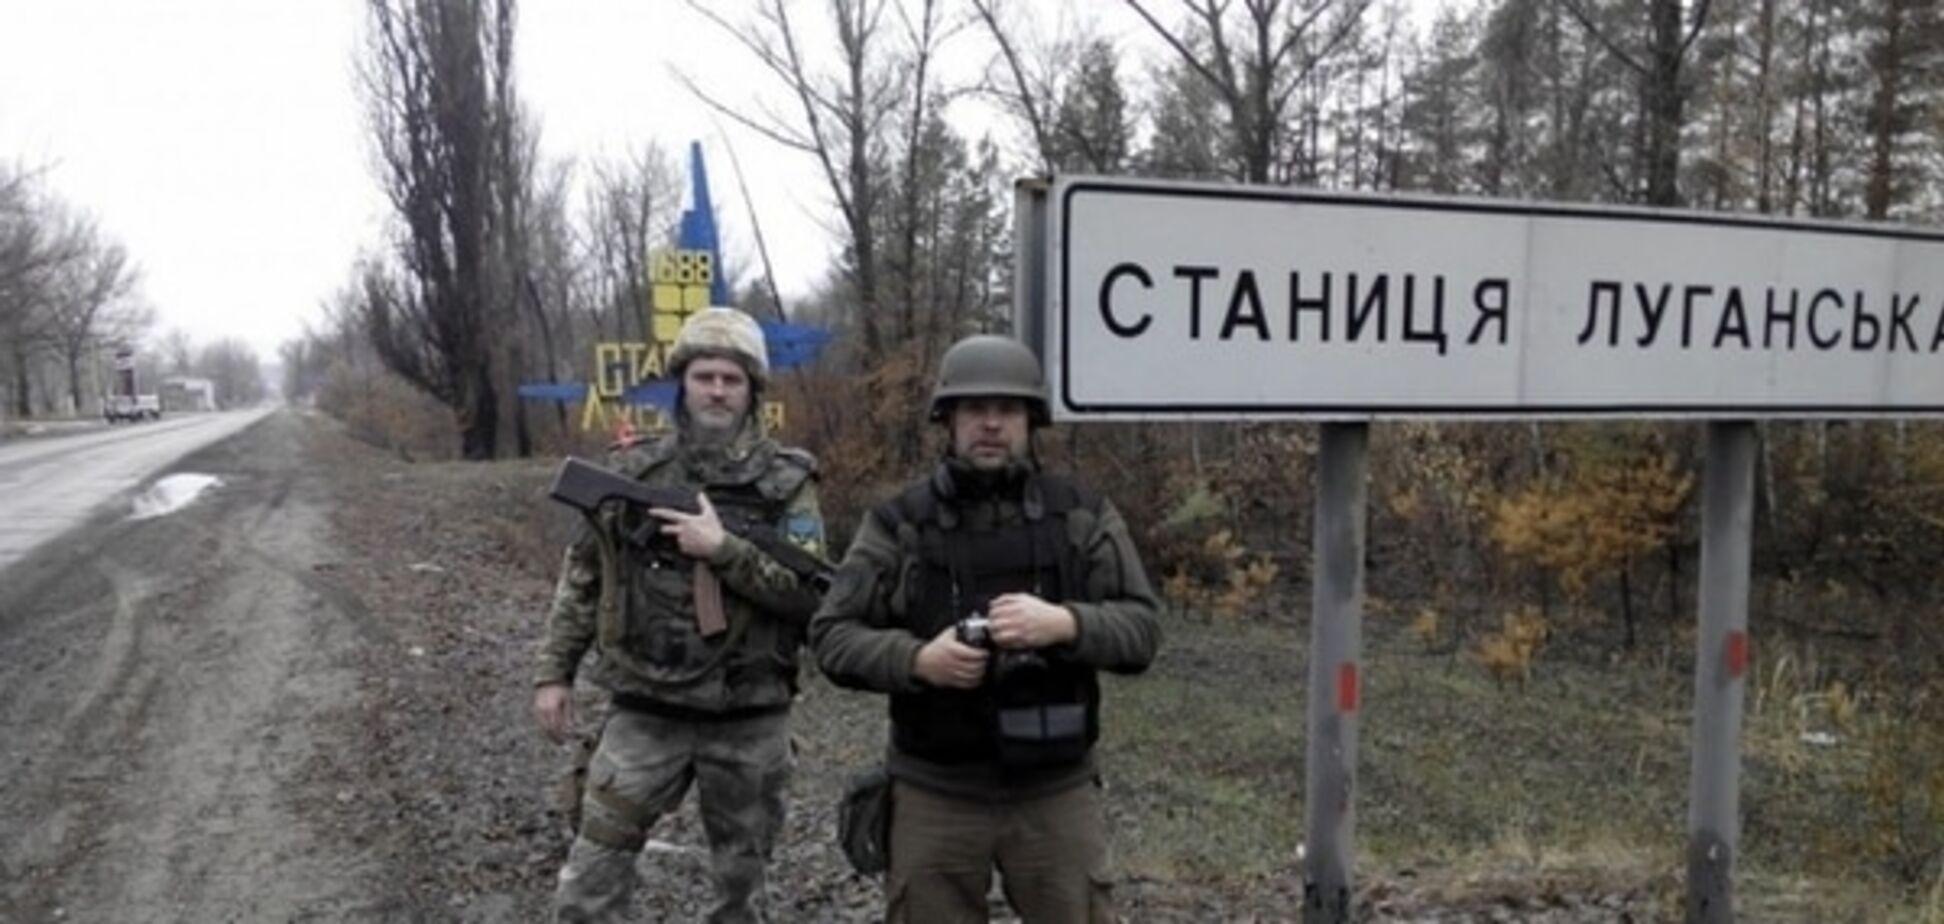 Дочекалися: у Станиці Луганській дозволили продаж алкоголю і дозволили пускати 'ЛНРівців'